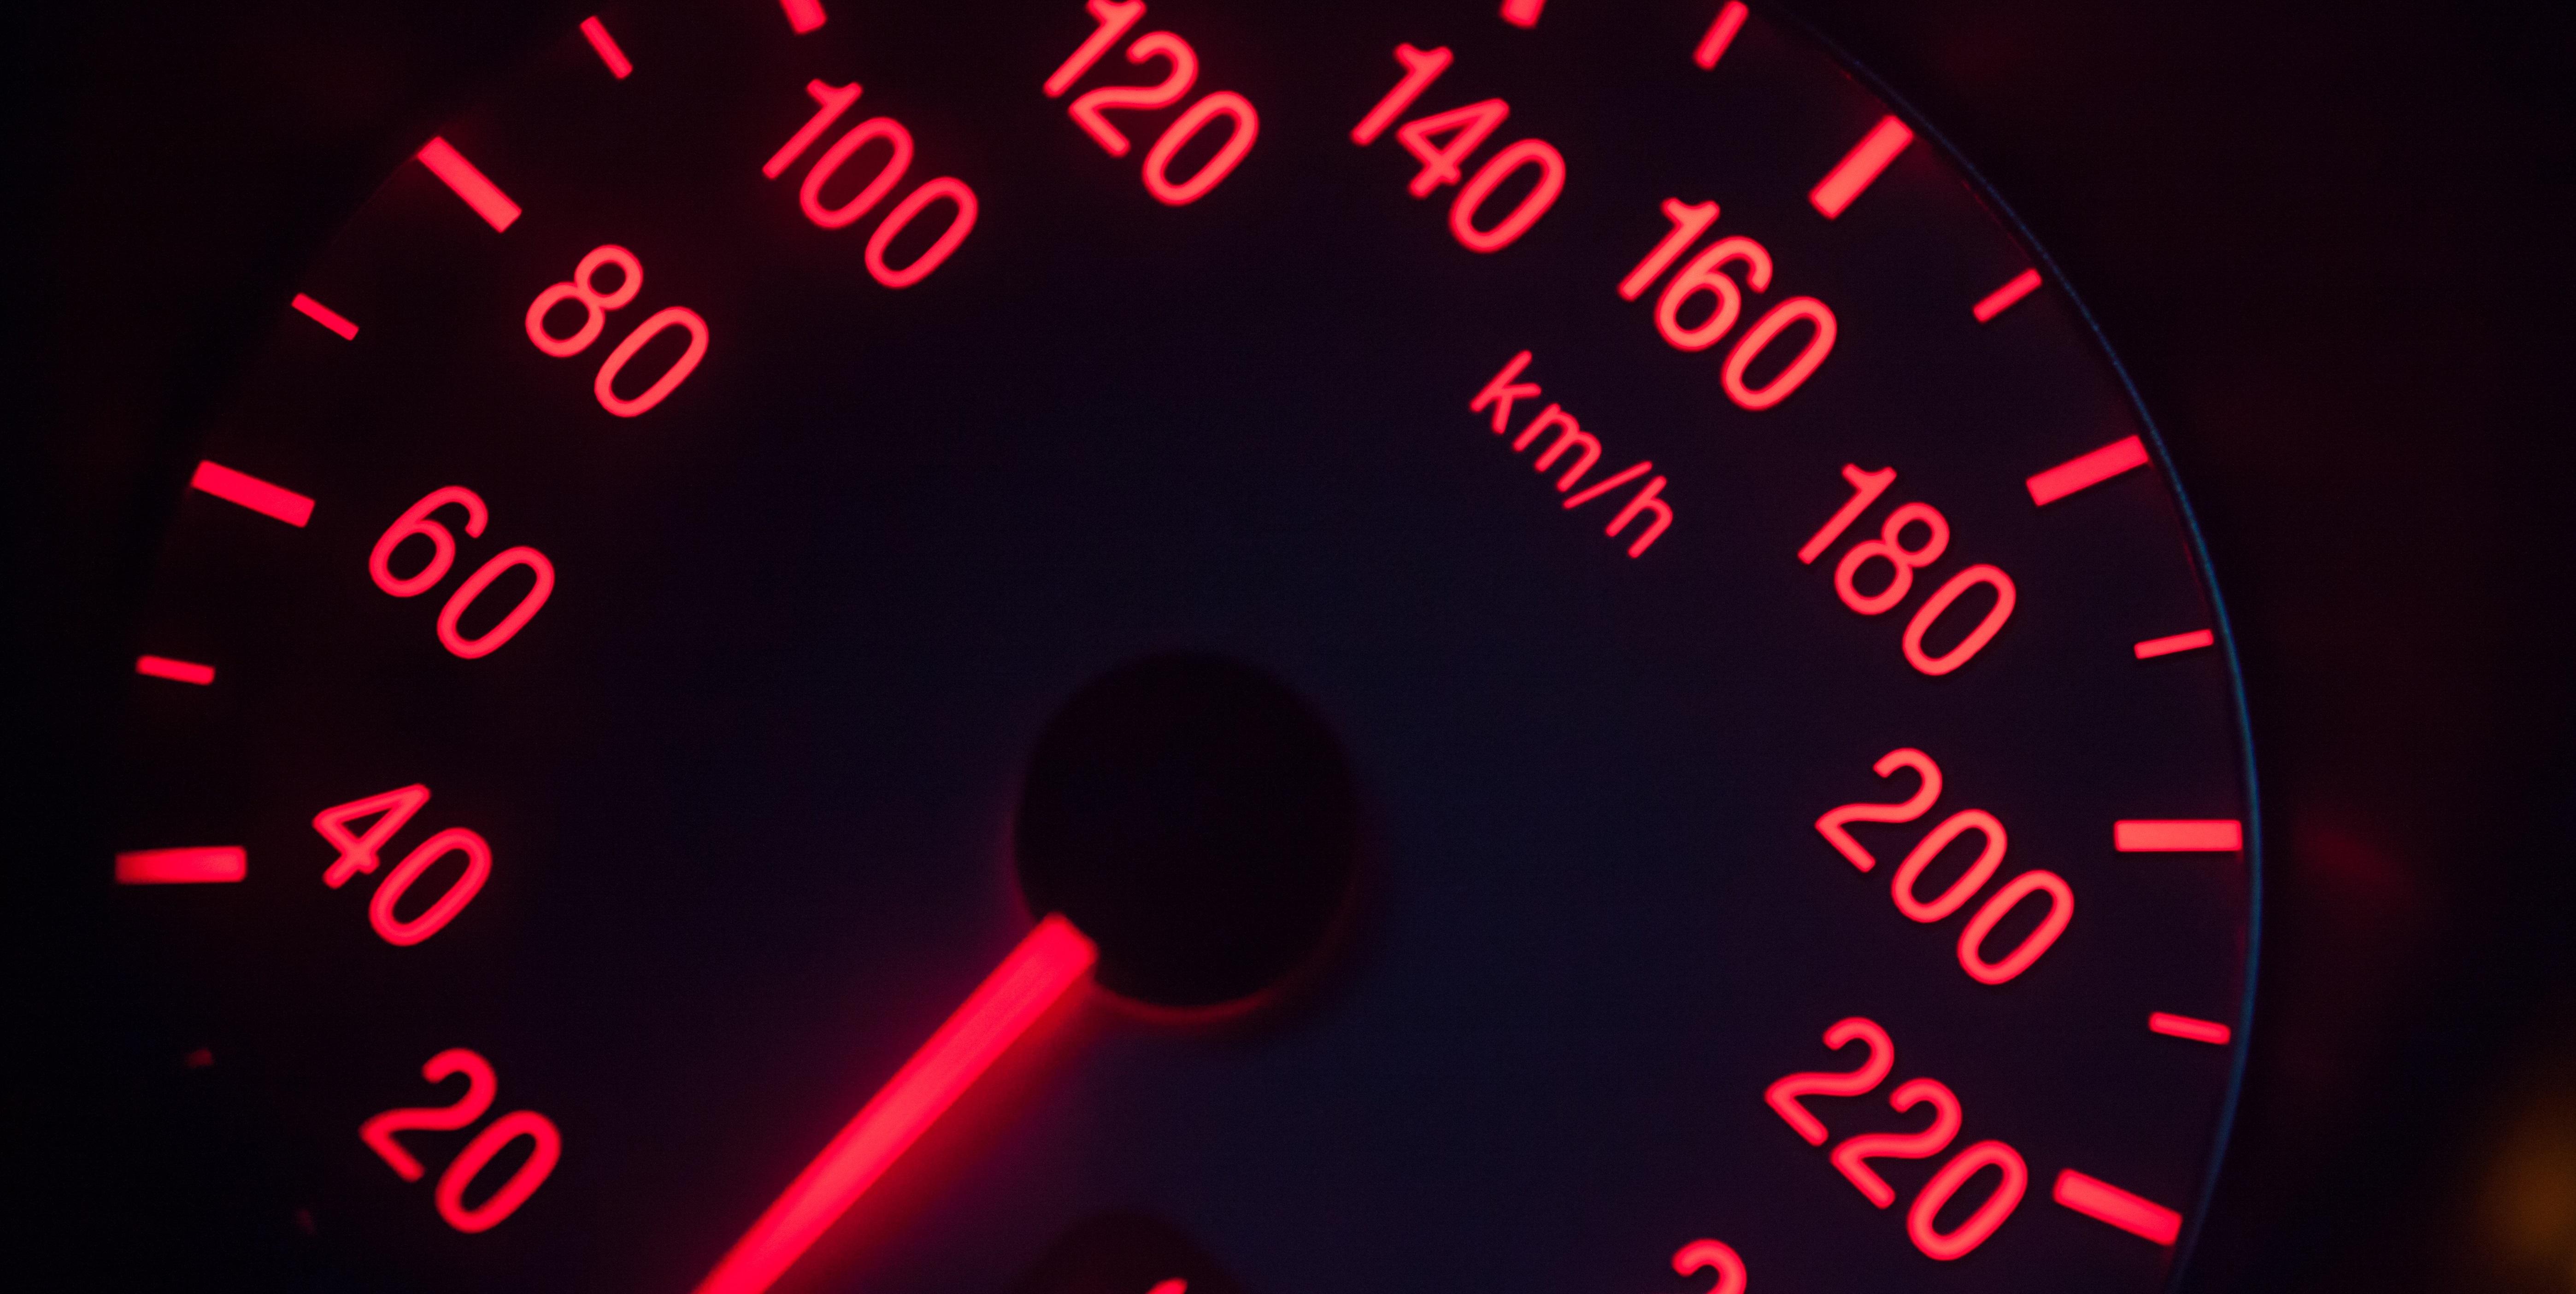 car-vehicle-measuredd-fast